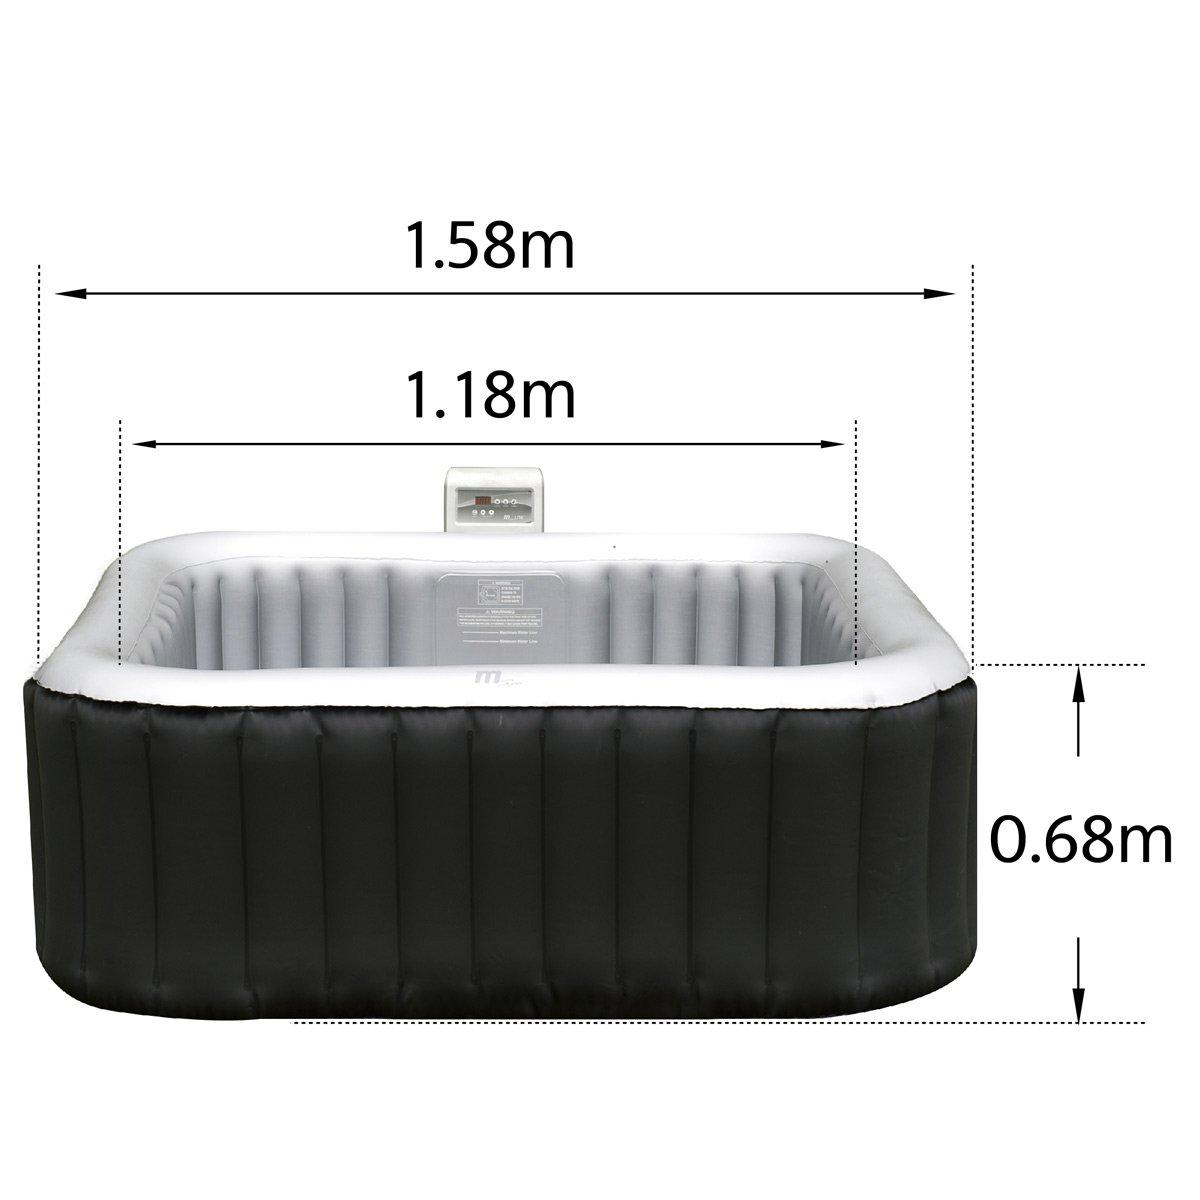 jacuzzi kaufen badetonne badezuber badebottich badefass. Black Bedroom Furniture Sets. Home Design Ideas